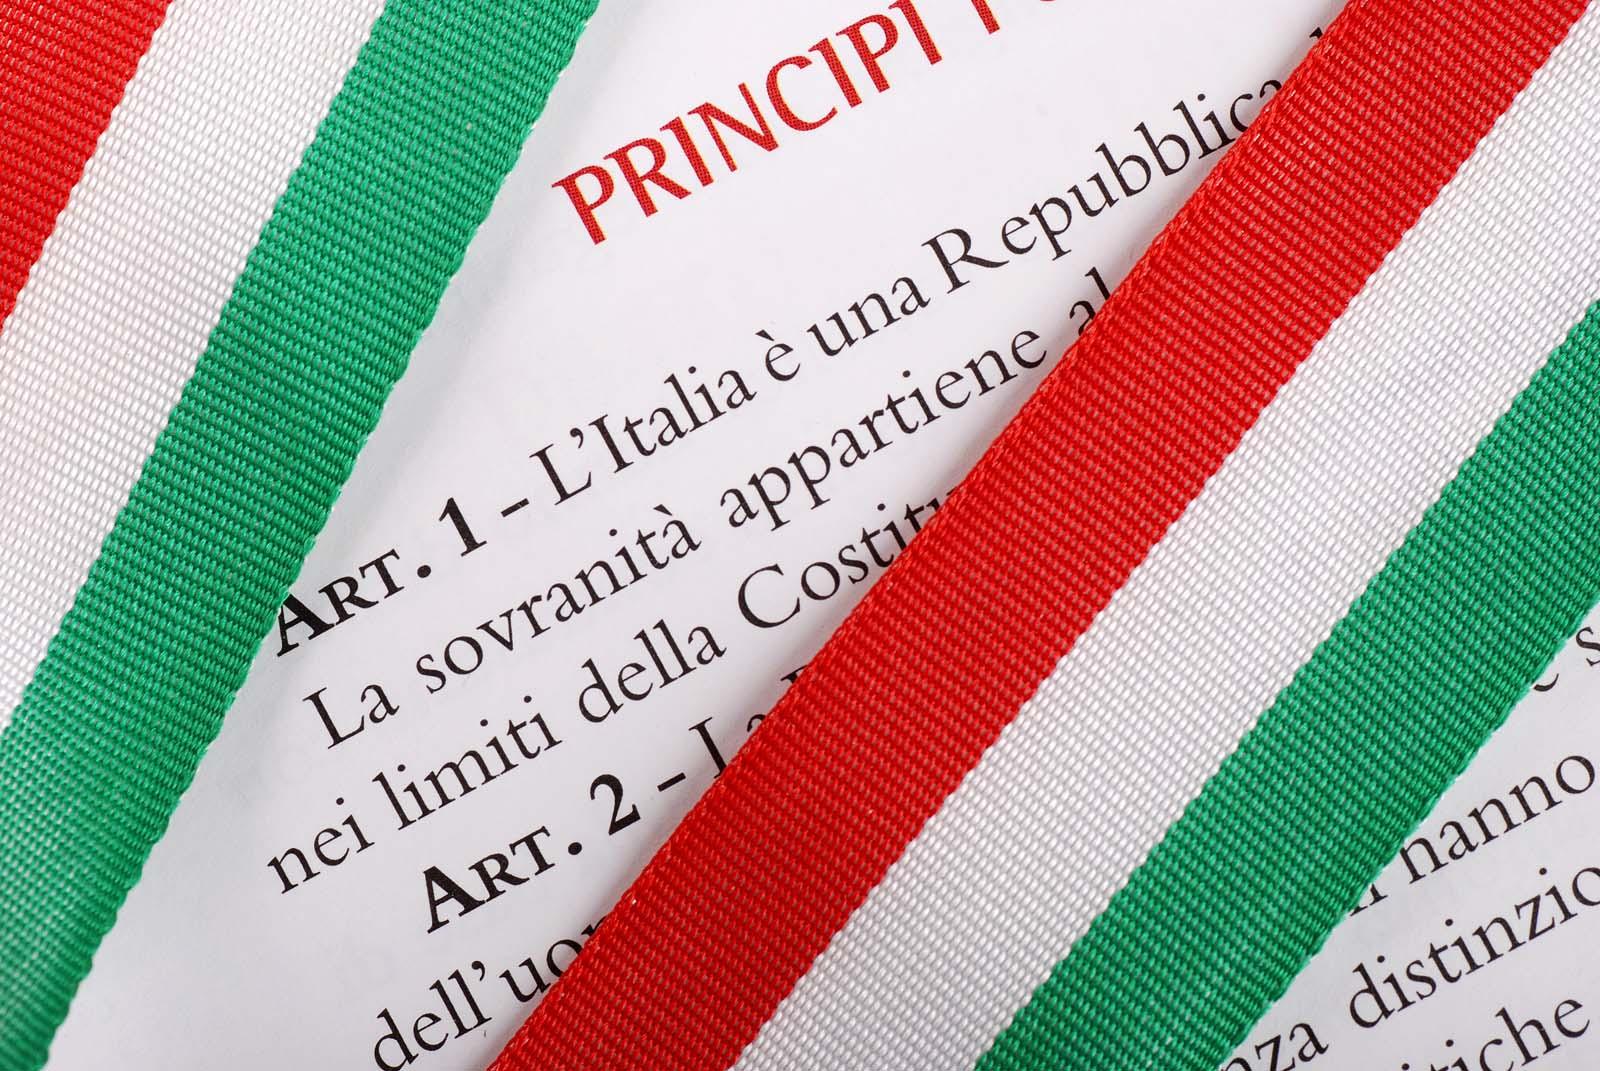 http://www.pinomasciari.it/wp-content/uploads/2014/07/al621.jpg